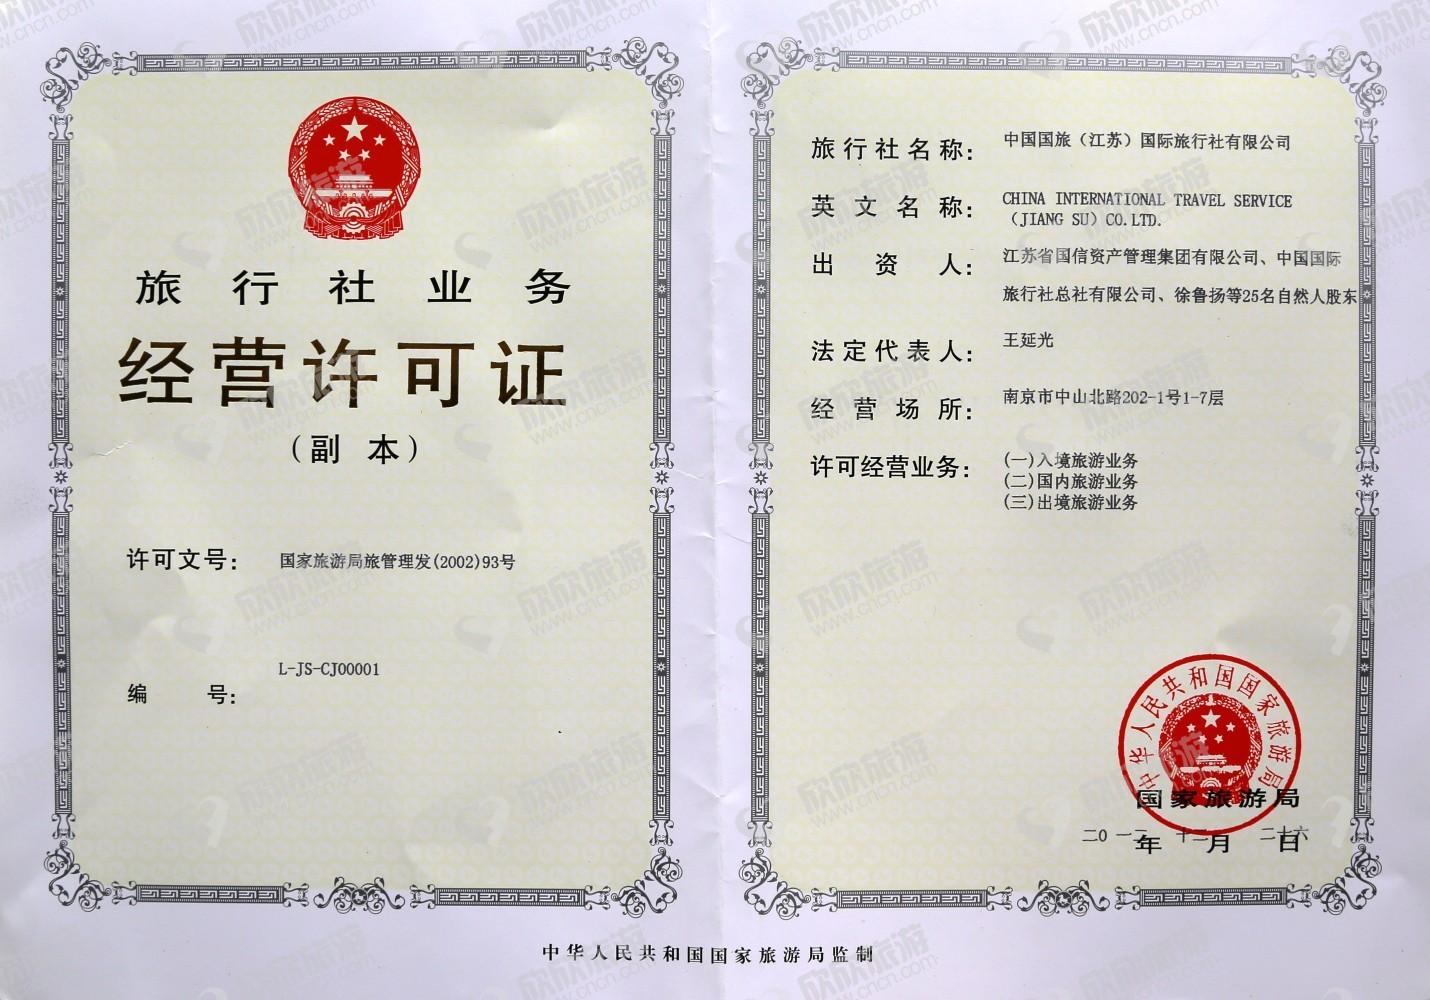 经营许可证_中国国旅(江苏)国际旅行社